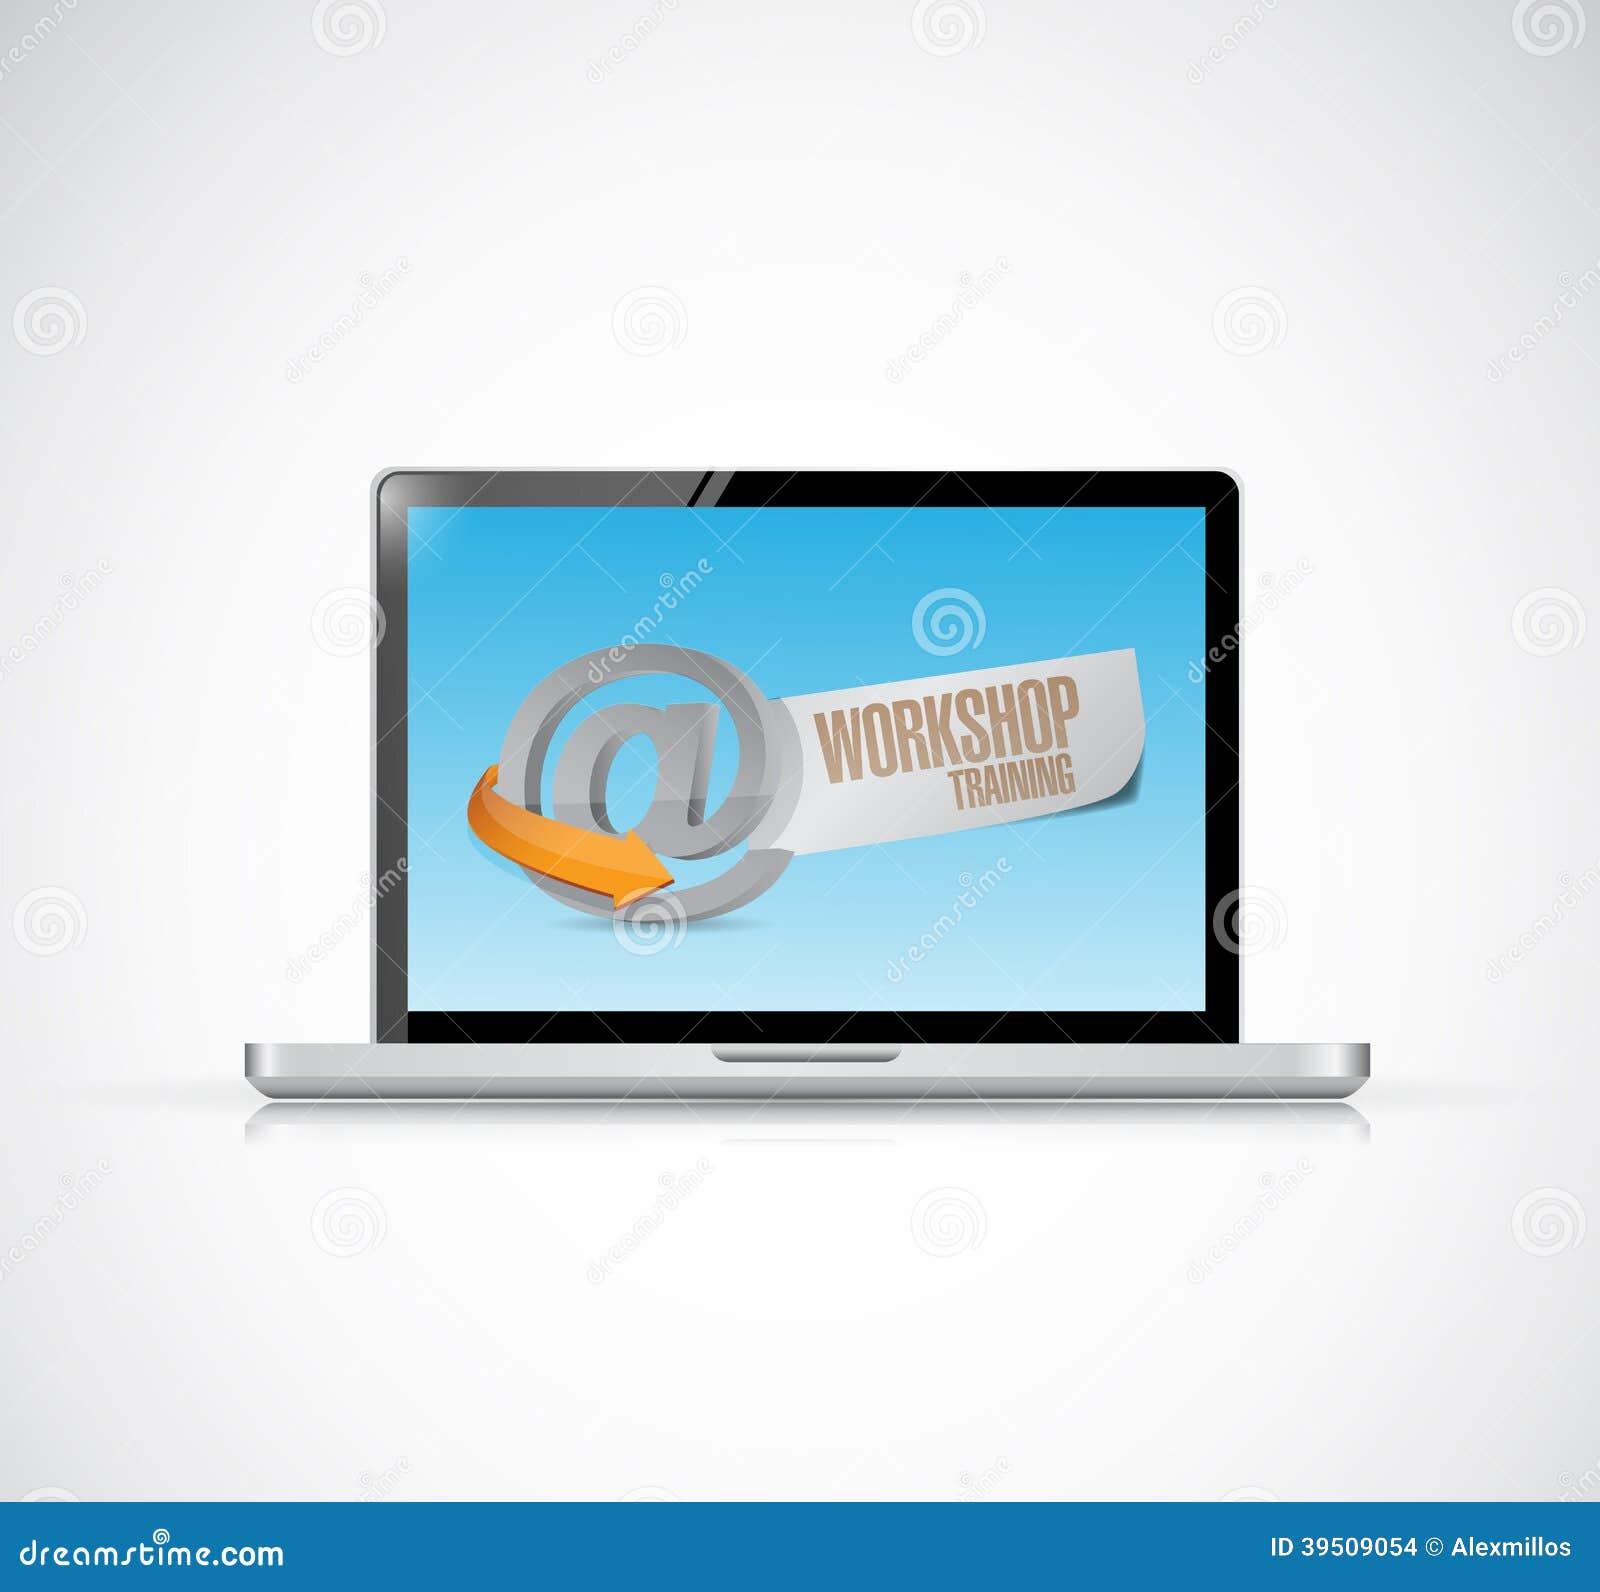 Computer online workshop training illustration